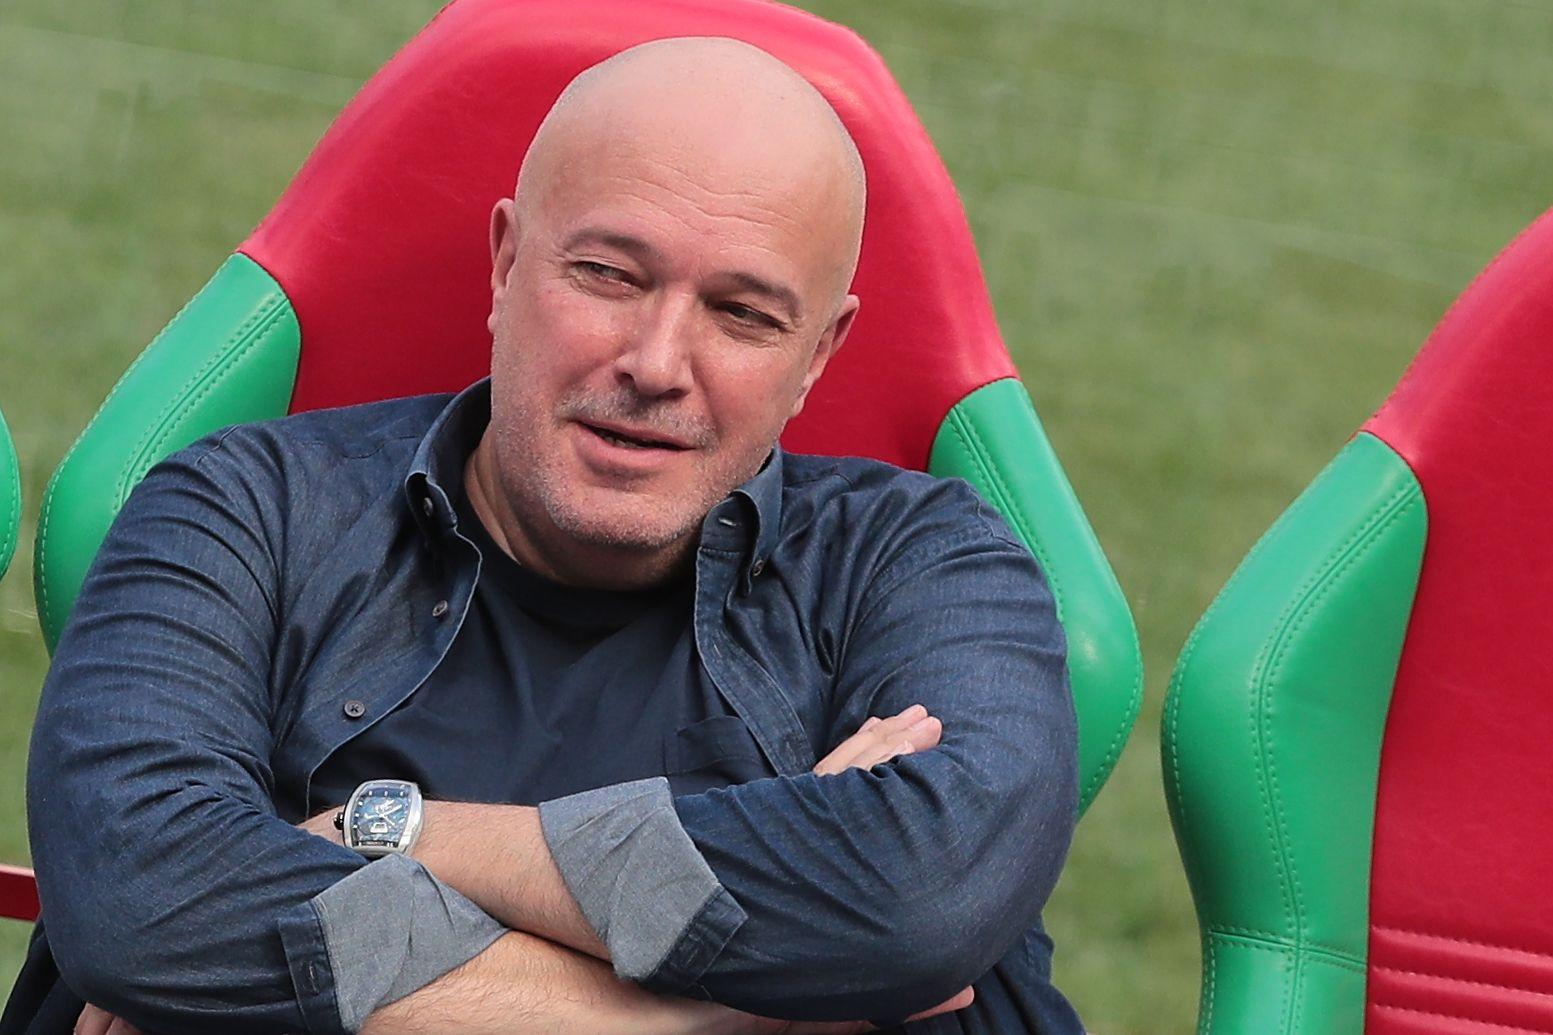 Комментатор Андронов объяснил, почему сомневается в успехе 'Локомотива' после смены руководства